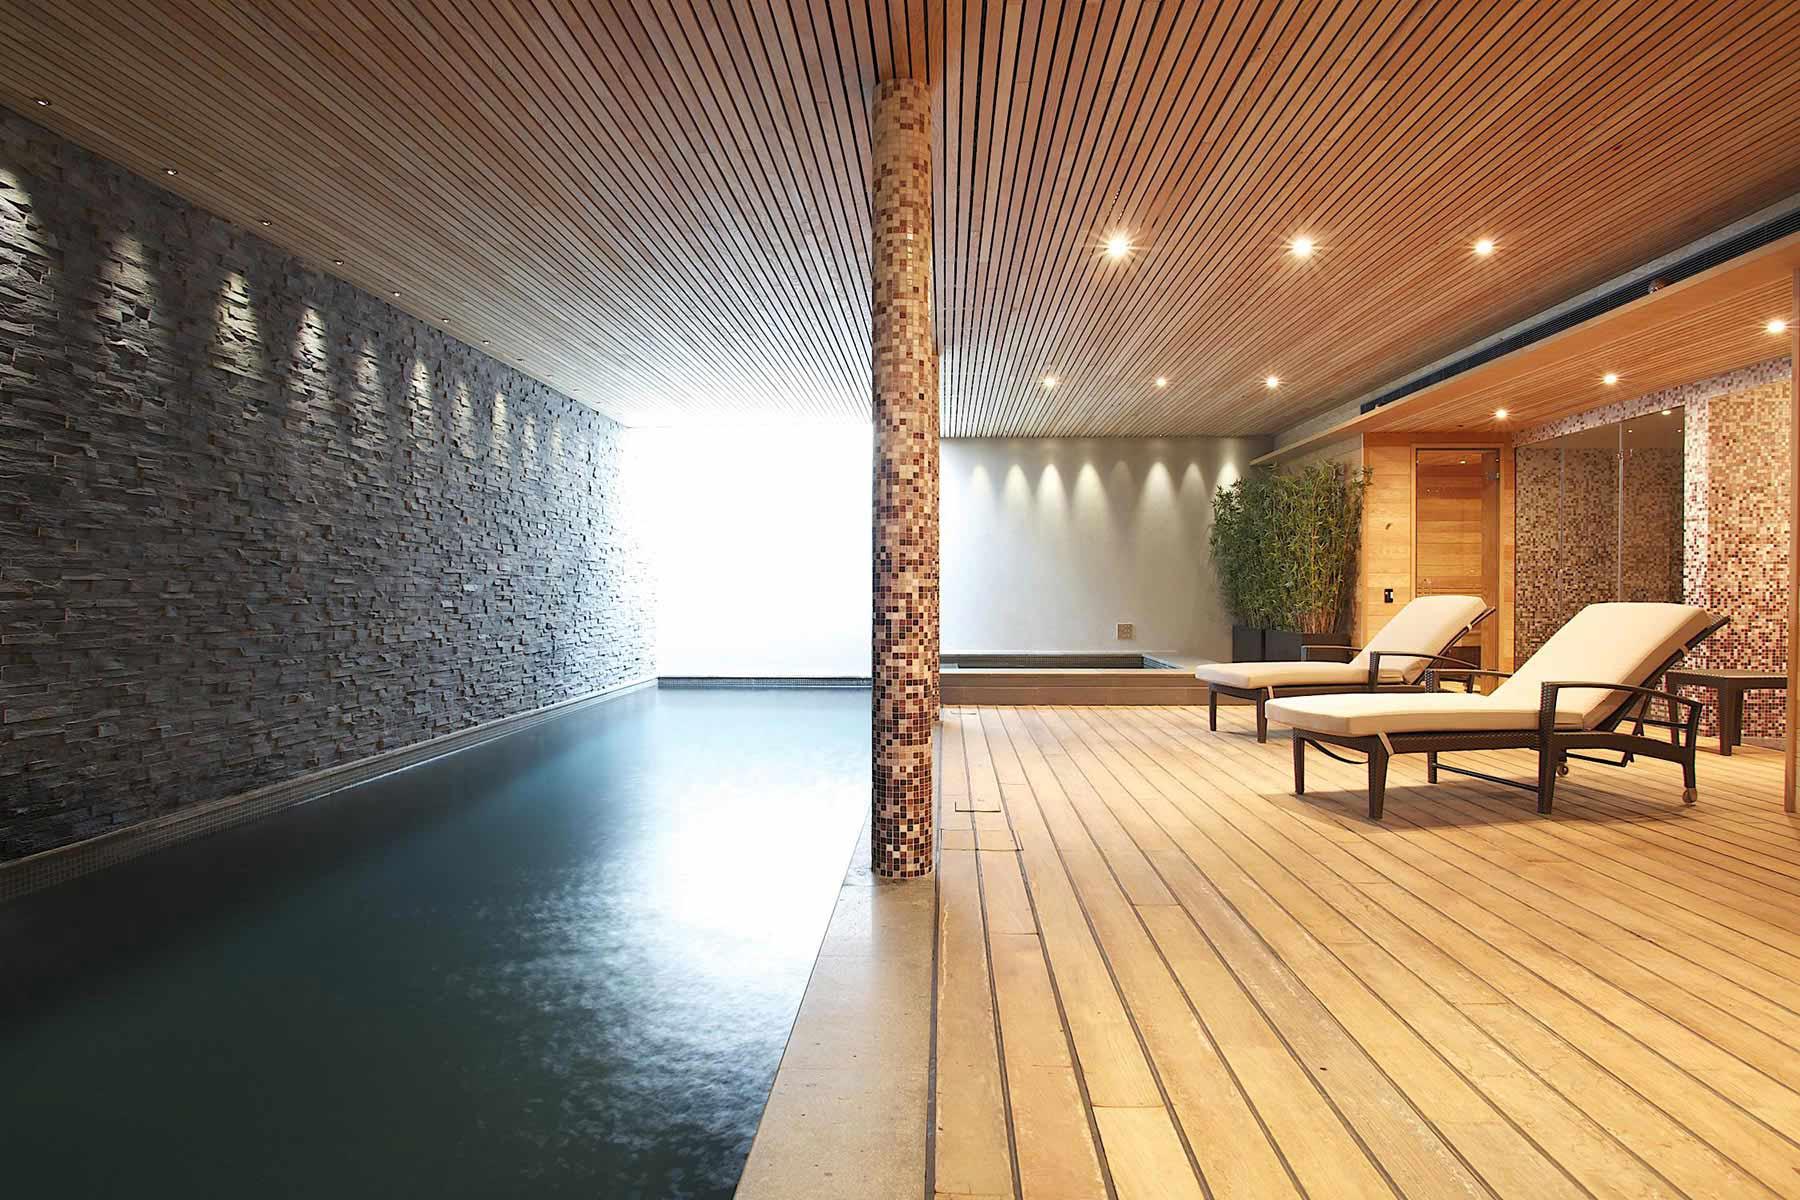 温布尔顿的室内游泳池和水疗中心